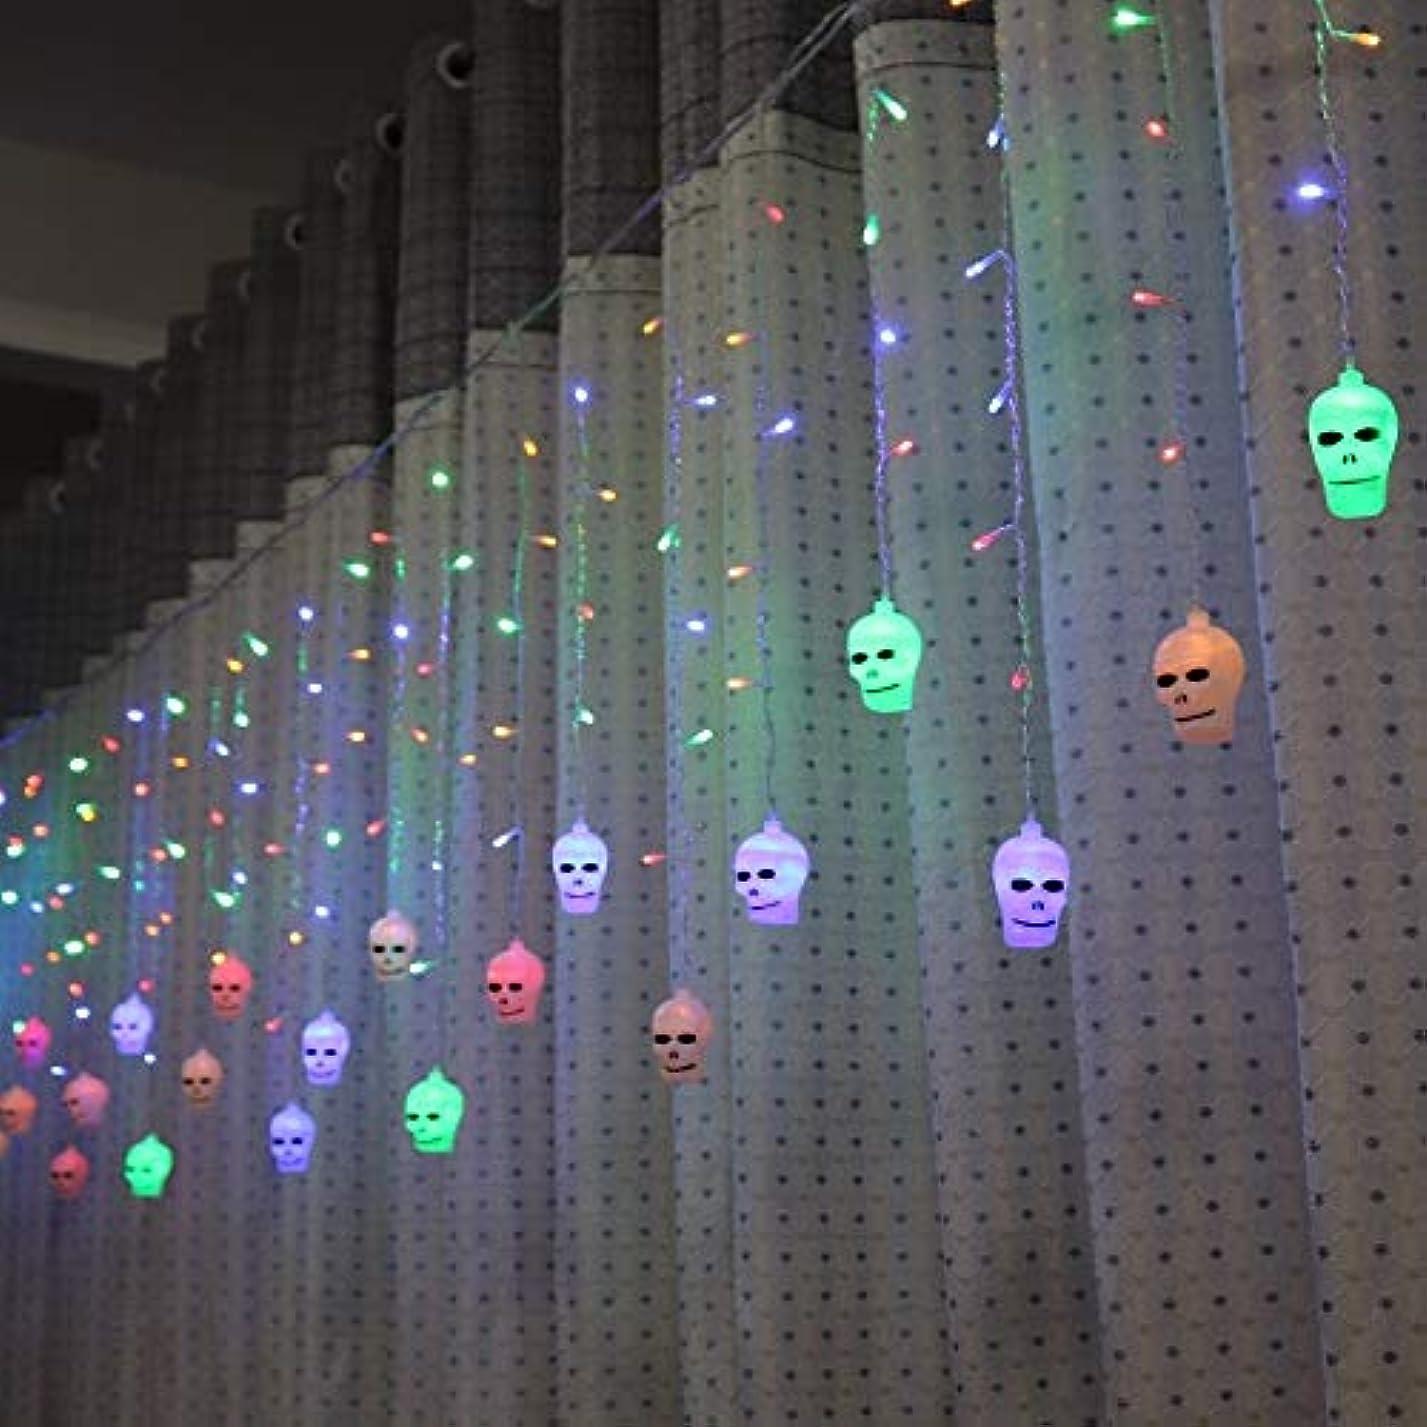 傑出した認める通信網LAOHAO 3.5メートルハロウィンカーテンライト文字列スタイル休日照明寝室リビングルームハロウィン雰囲気装飾 ワンタイムデコレーション (Emitting Color : Multicolor)